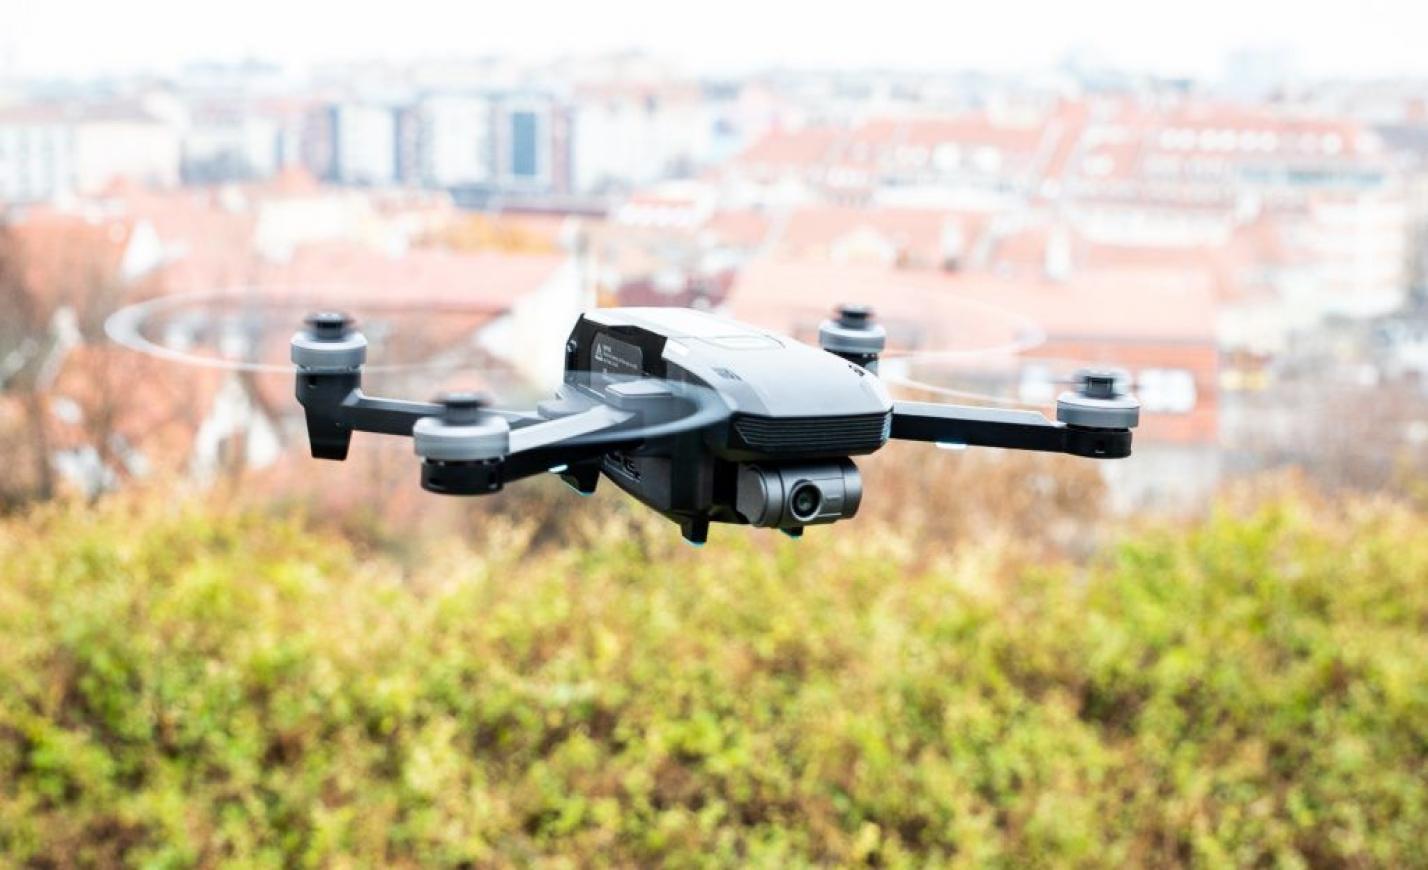 Ez a drón tudja a 4K-t, hetvennel repeszt és fél óráig bírja a levegőben